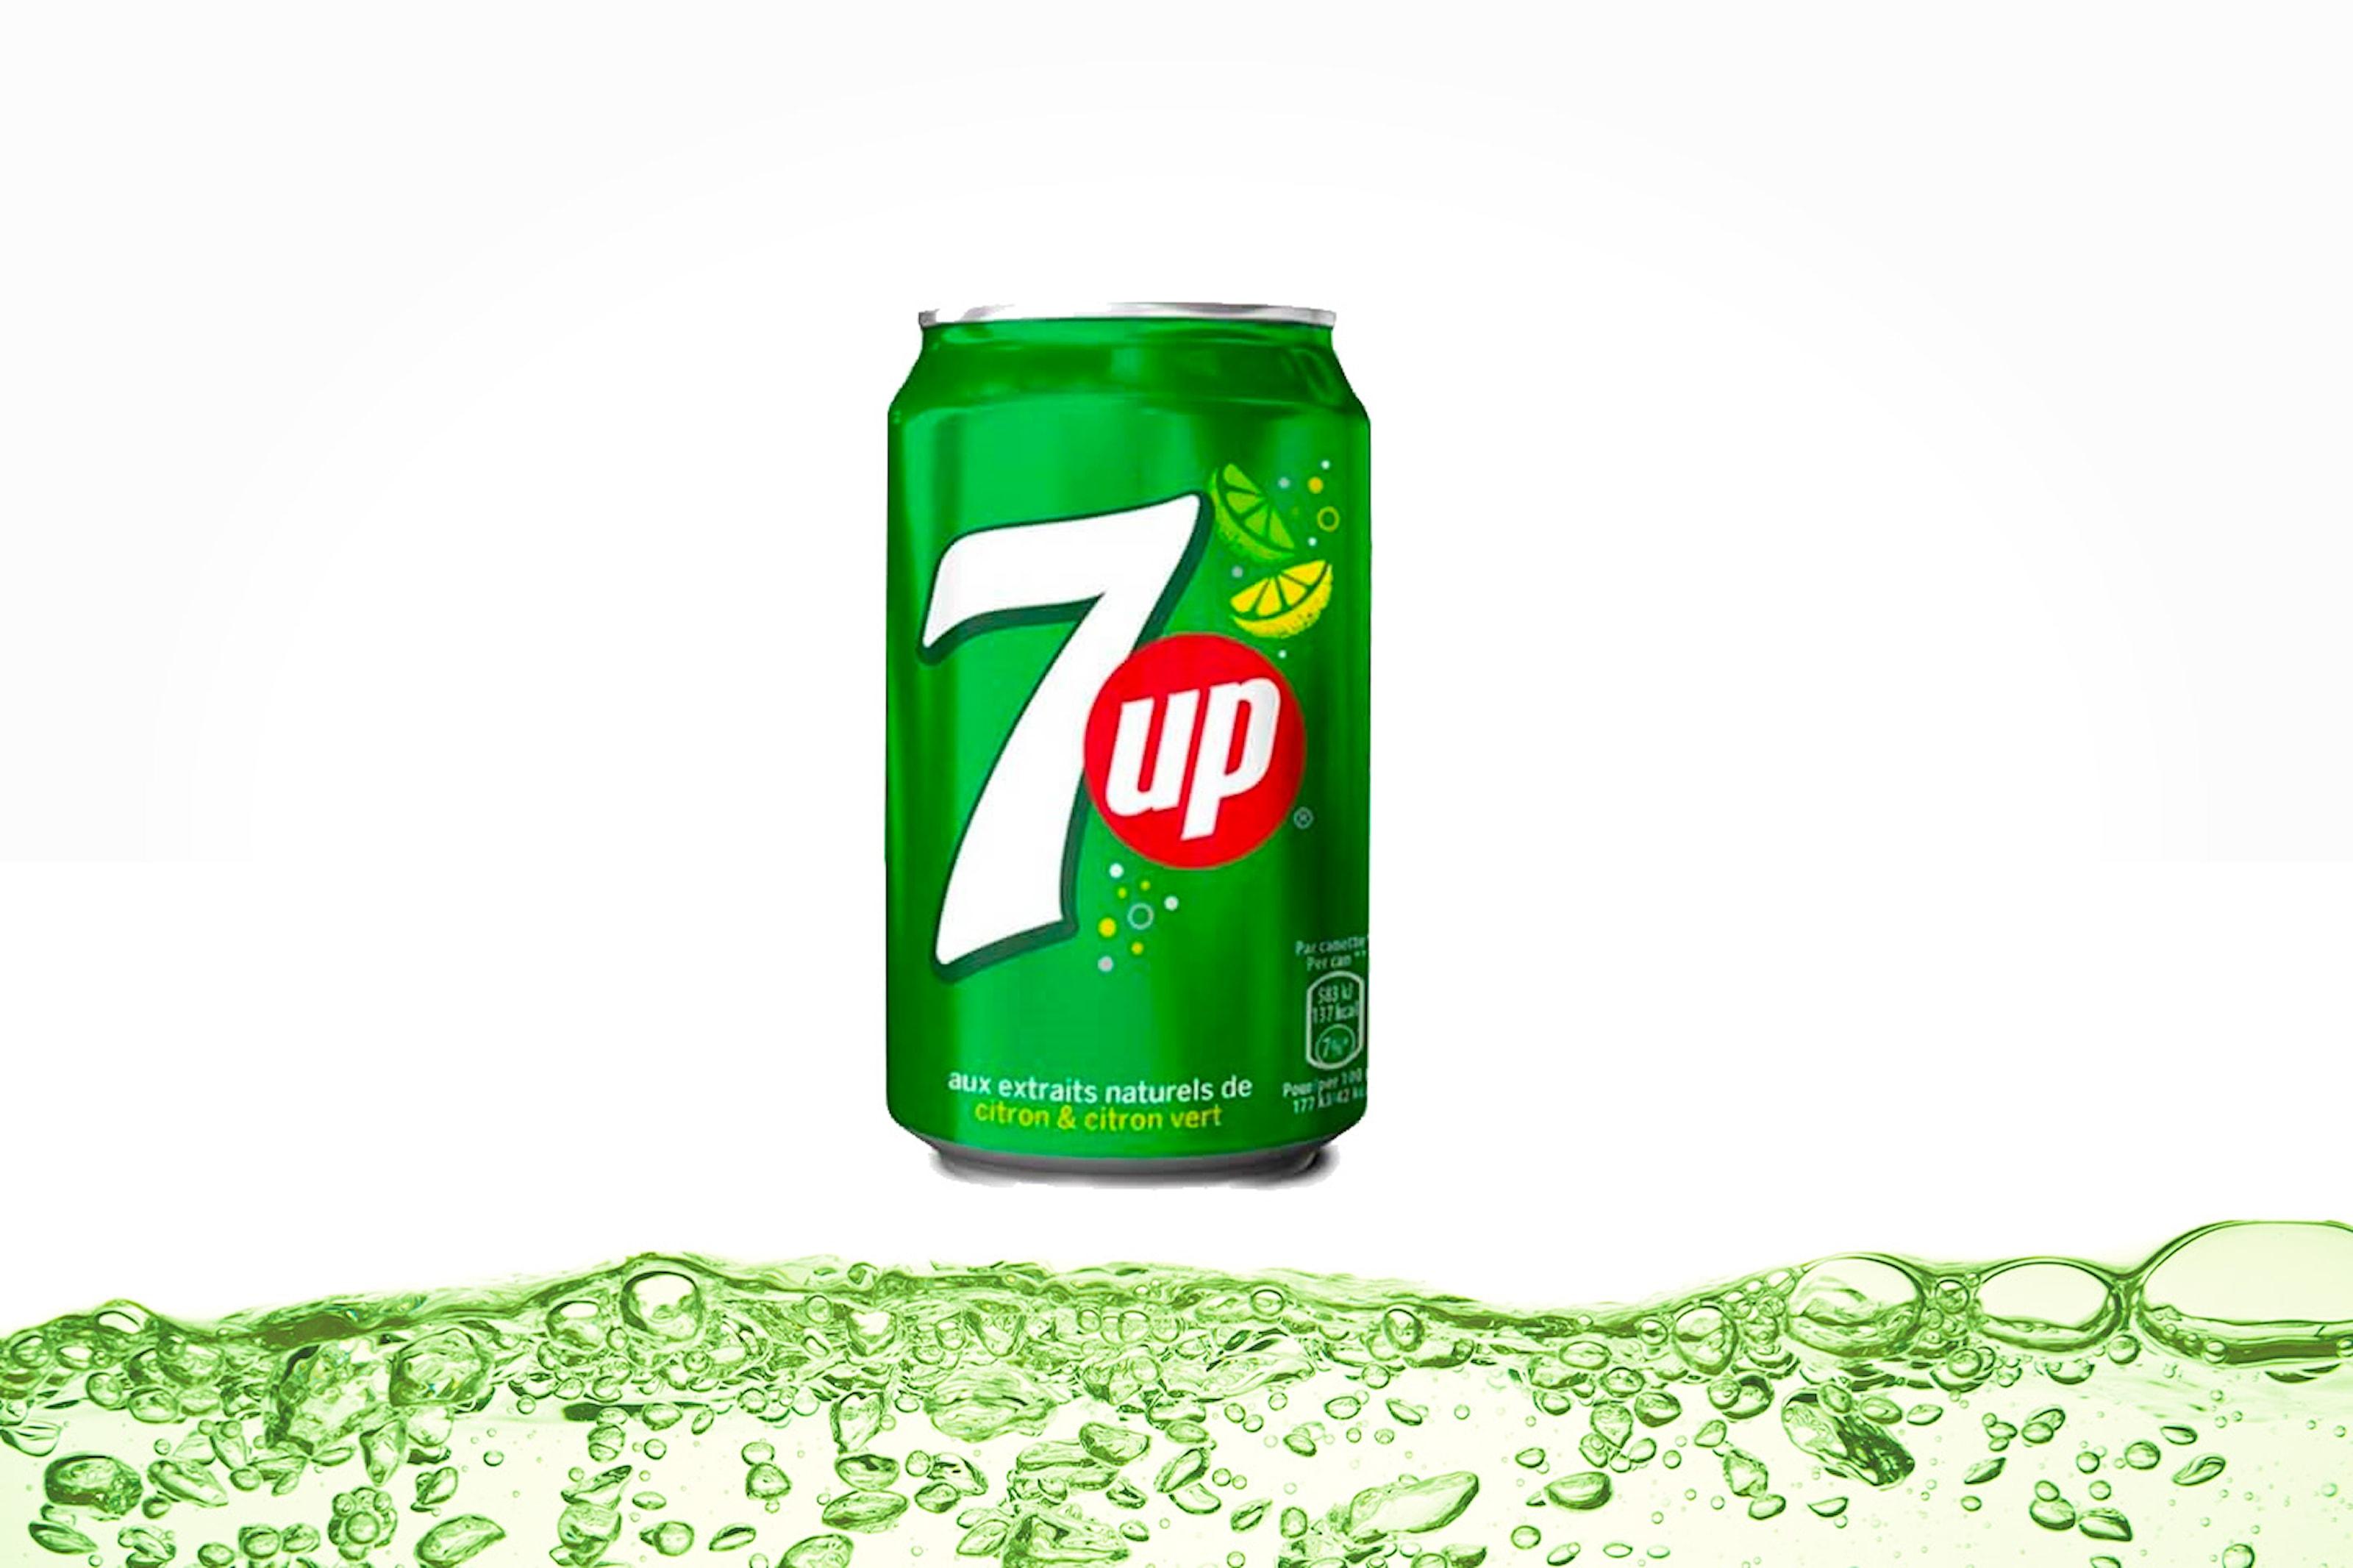 Tre brett med 7UP